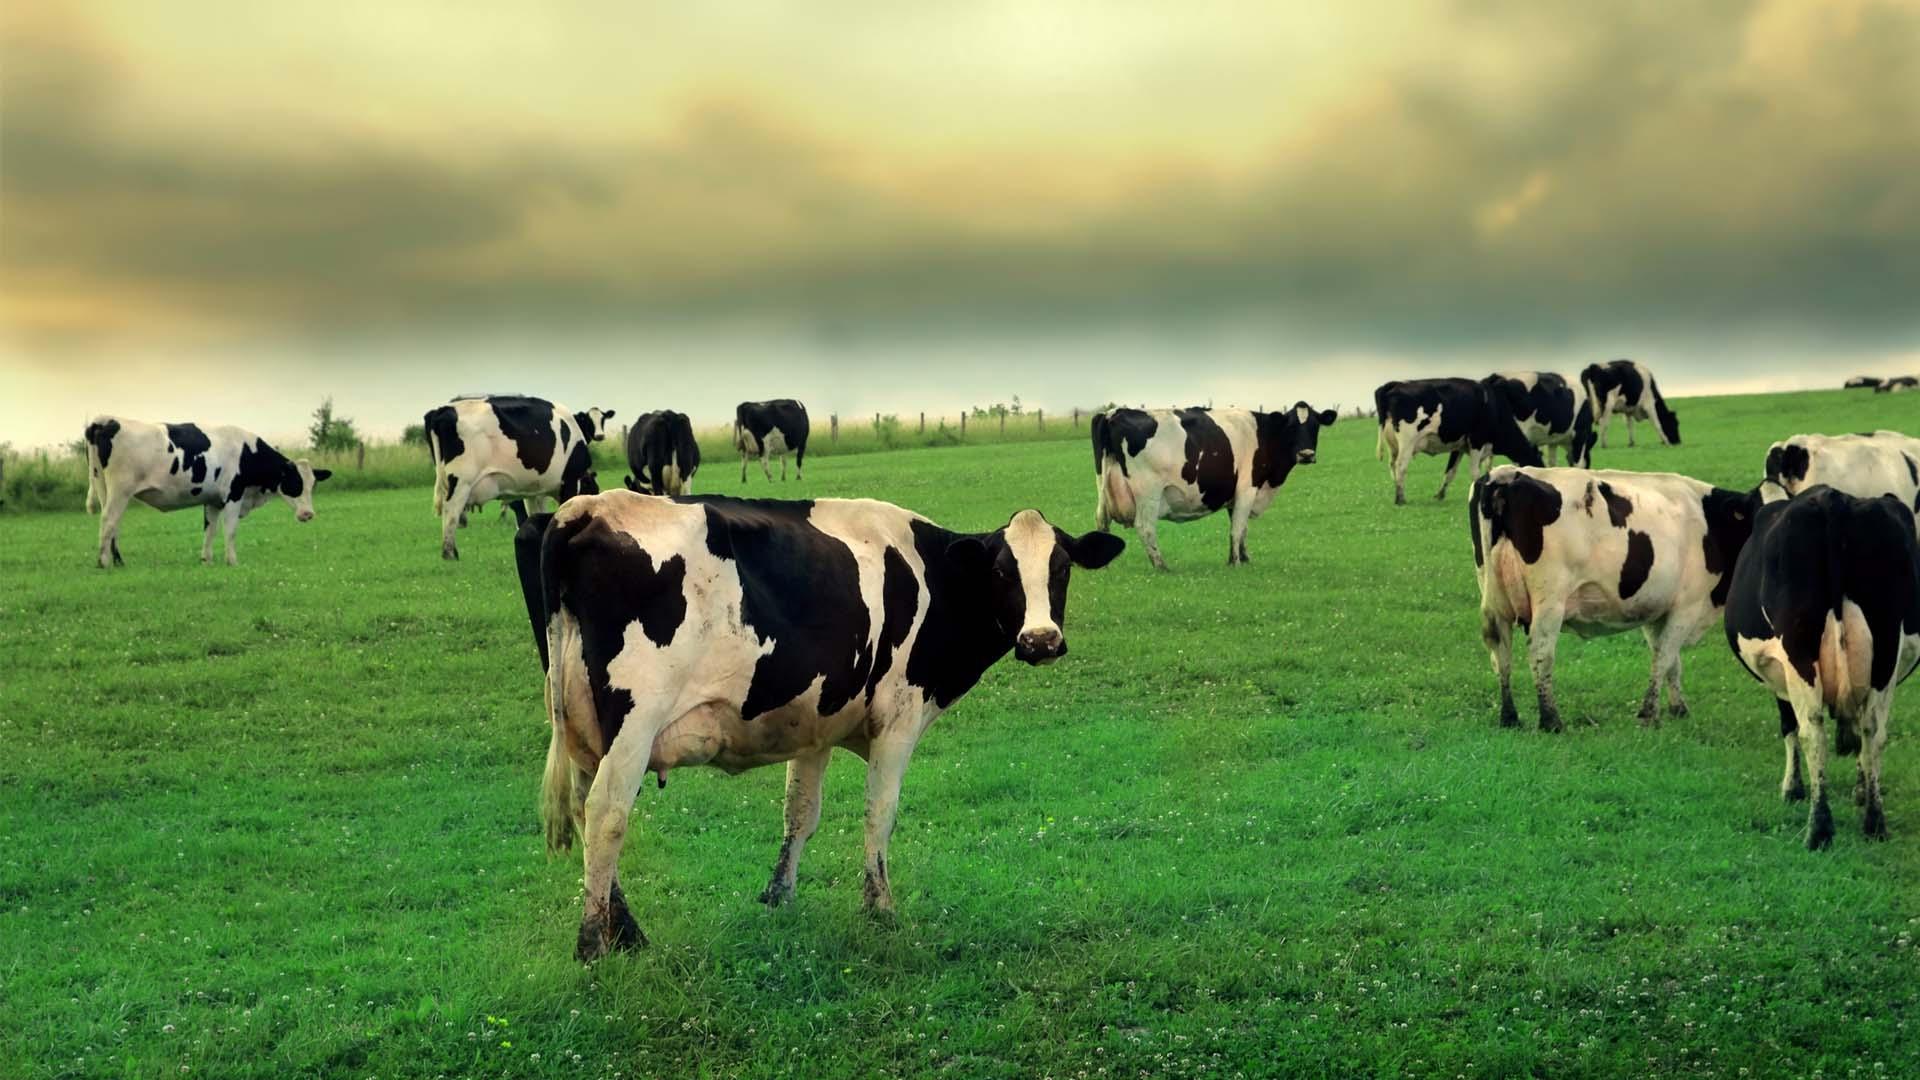 แนวทางเกษตรอินทรีย์ ด้วยระบบเกษตรกรรมยั่งยืน